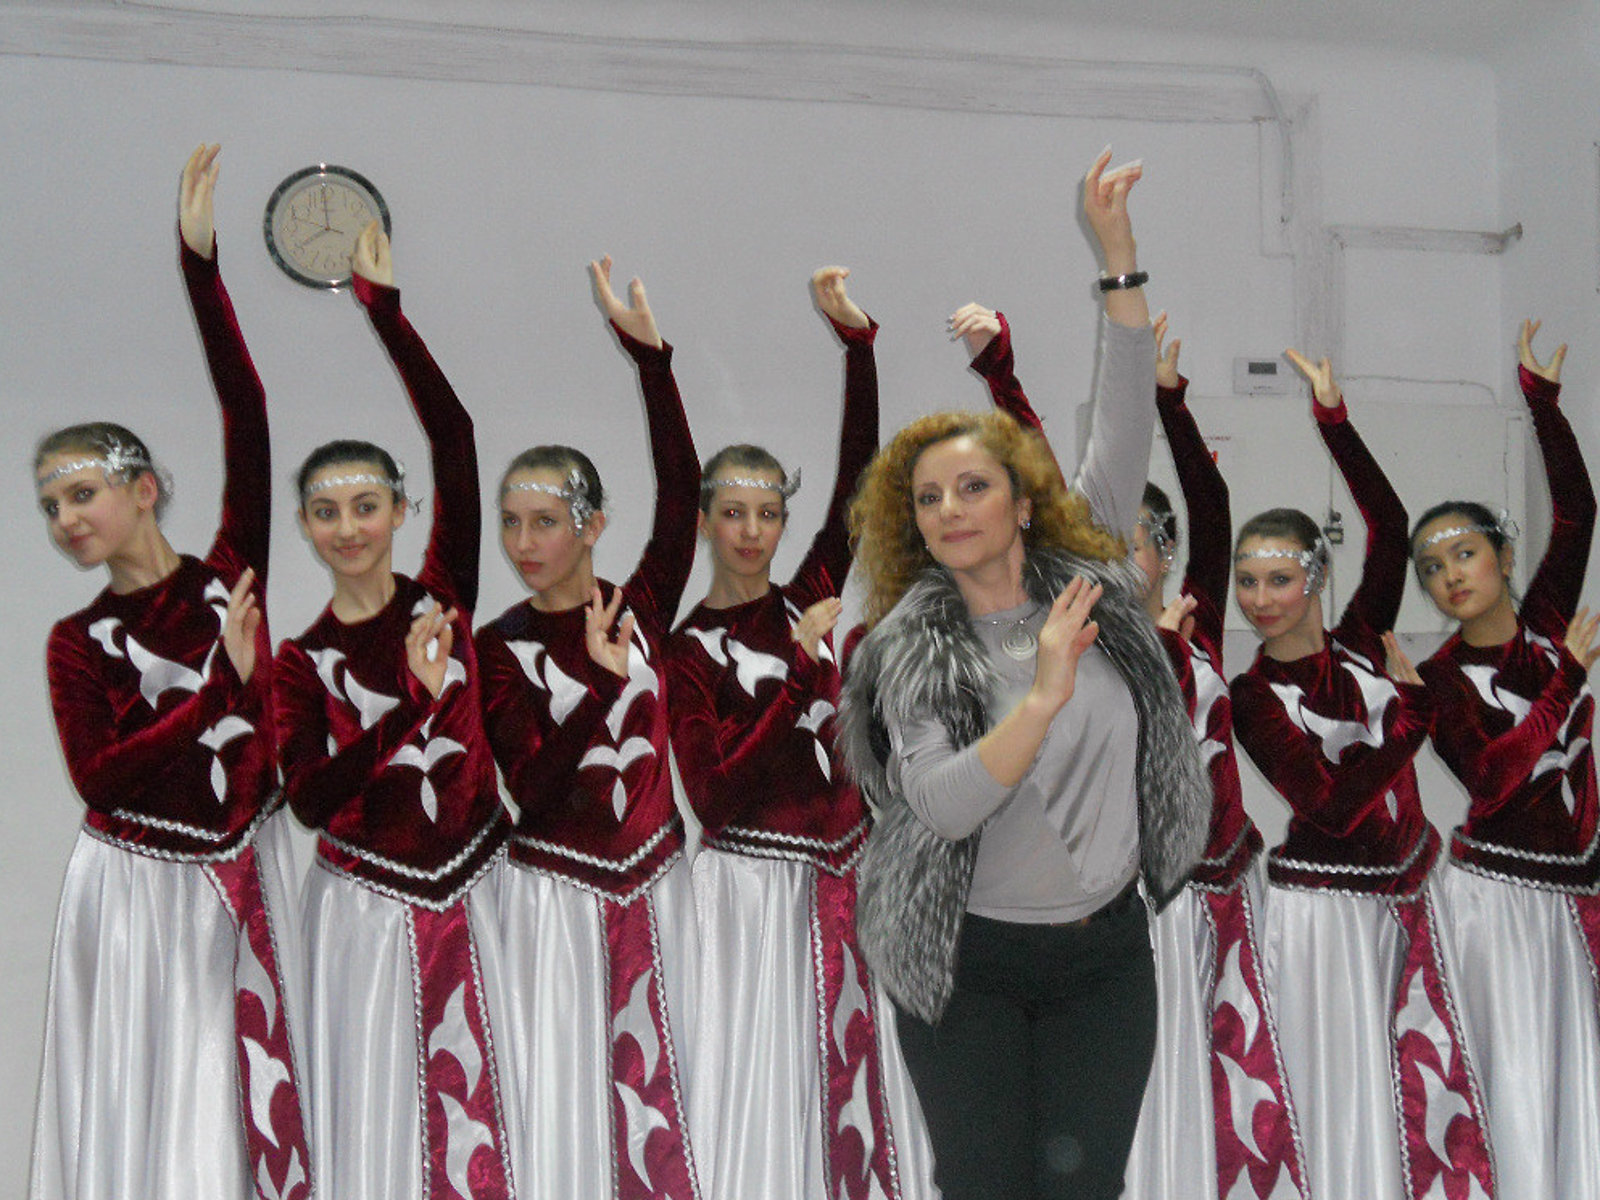 Украинский ансамбль Лилия исполняет армянские народные танцы. Художественный руководитель - Кристина Улубян